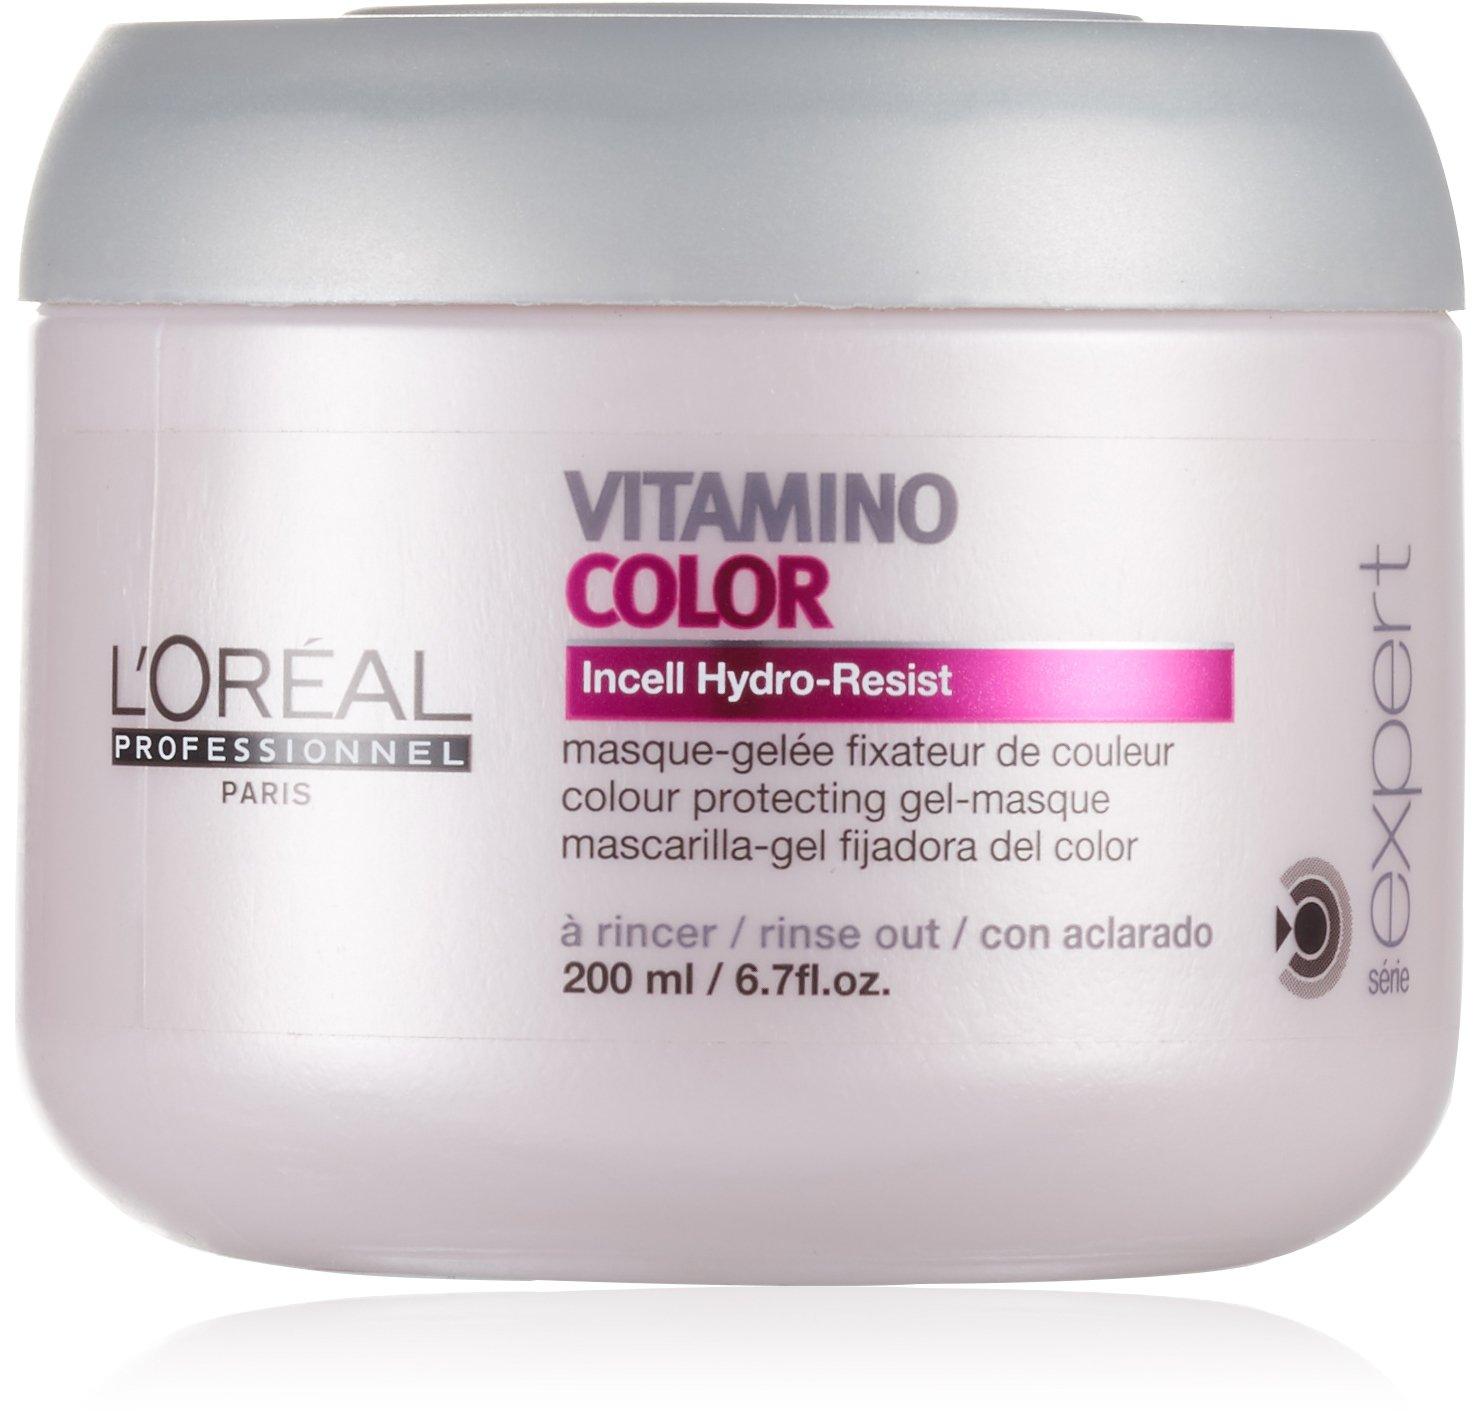 loreal vitamino color conditioner